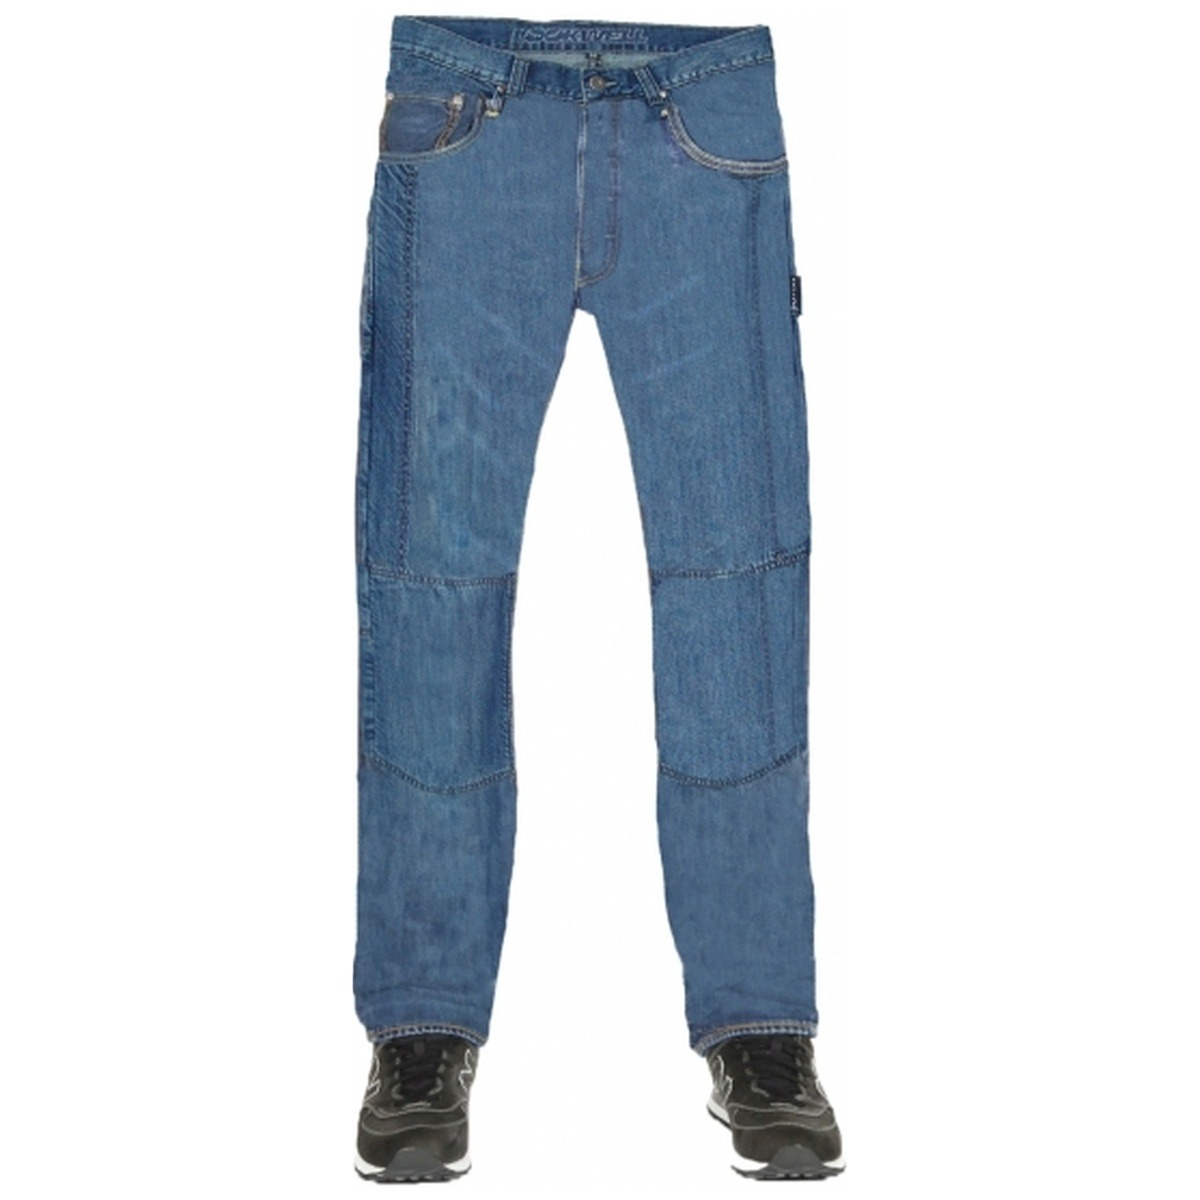 Przedłużane jeansy motocyklowe LOOKWELL DENIM 501